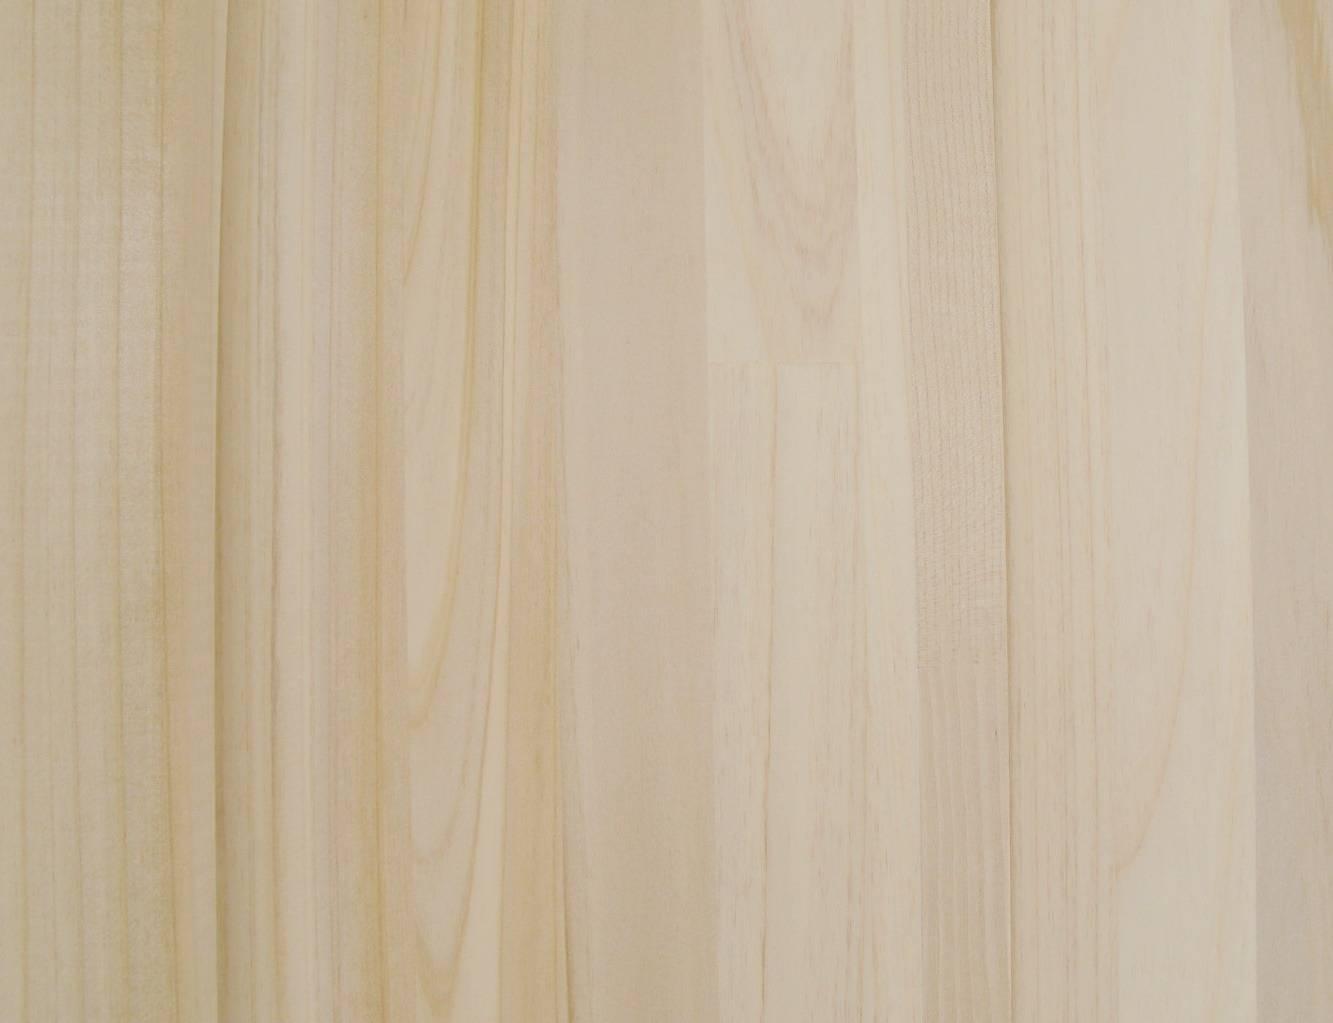 背景素材肝木林